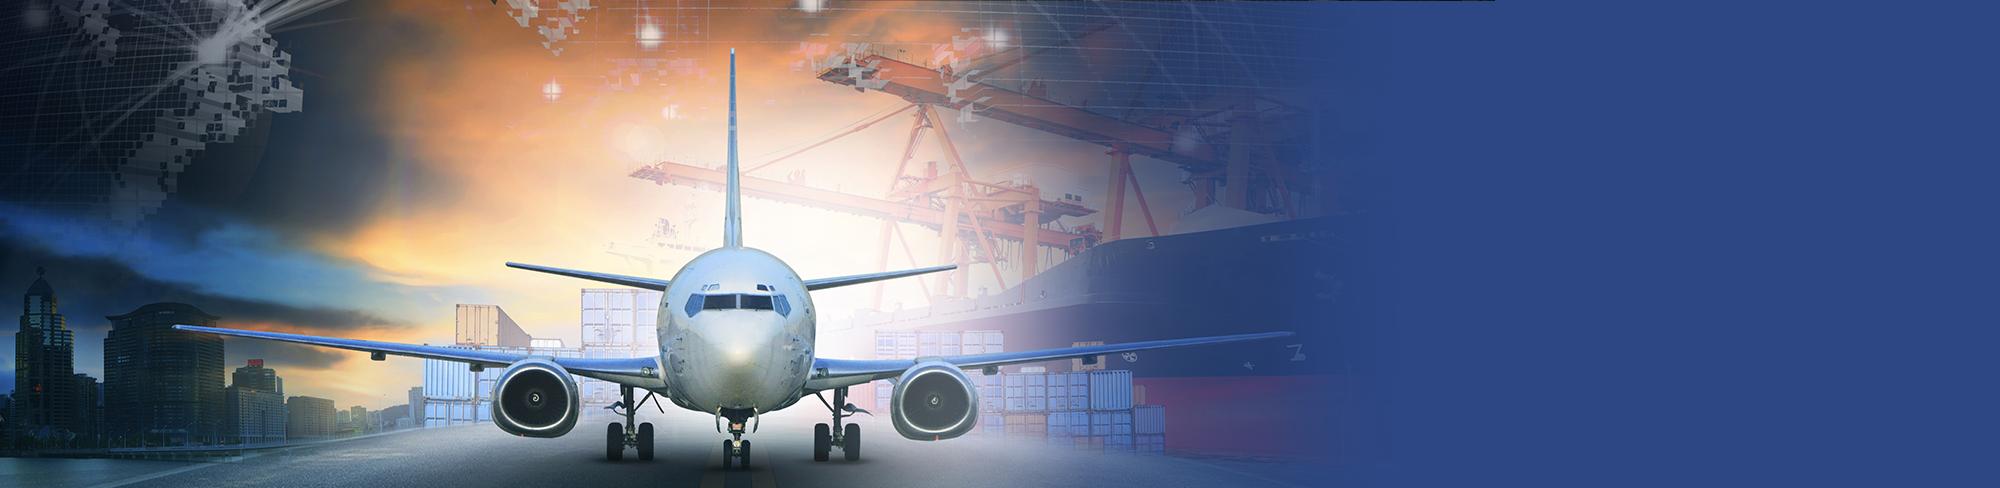 Air Shipping Header Image.png